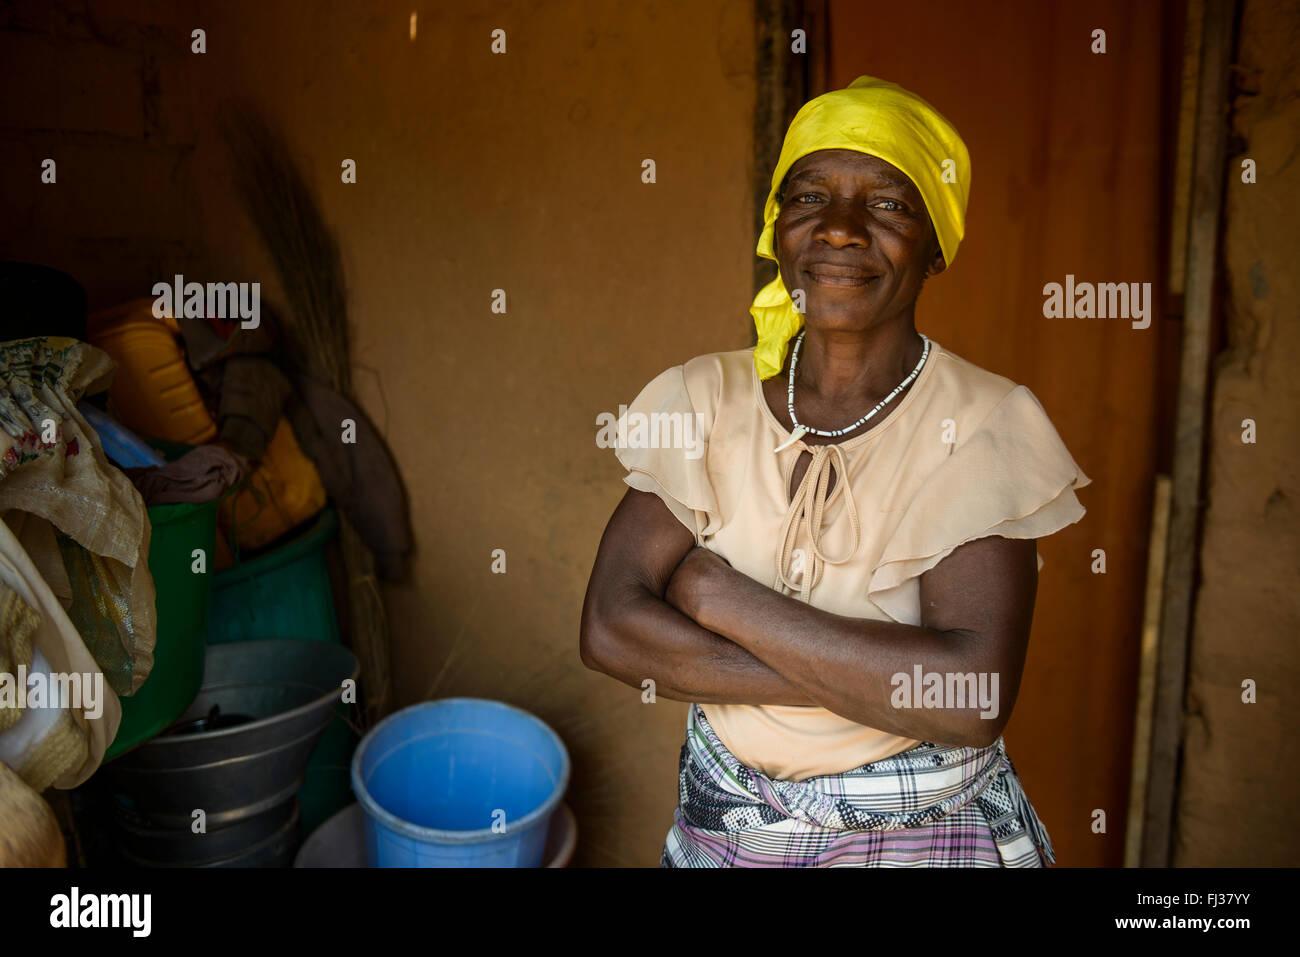 Angolan woman, Angola, Africa - Stock Image